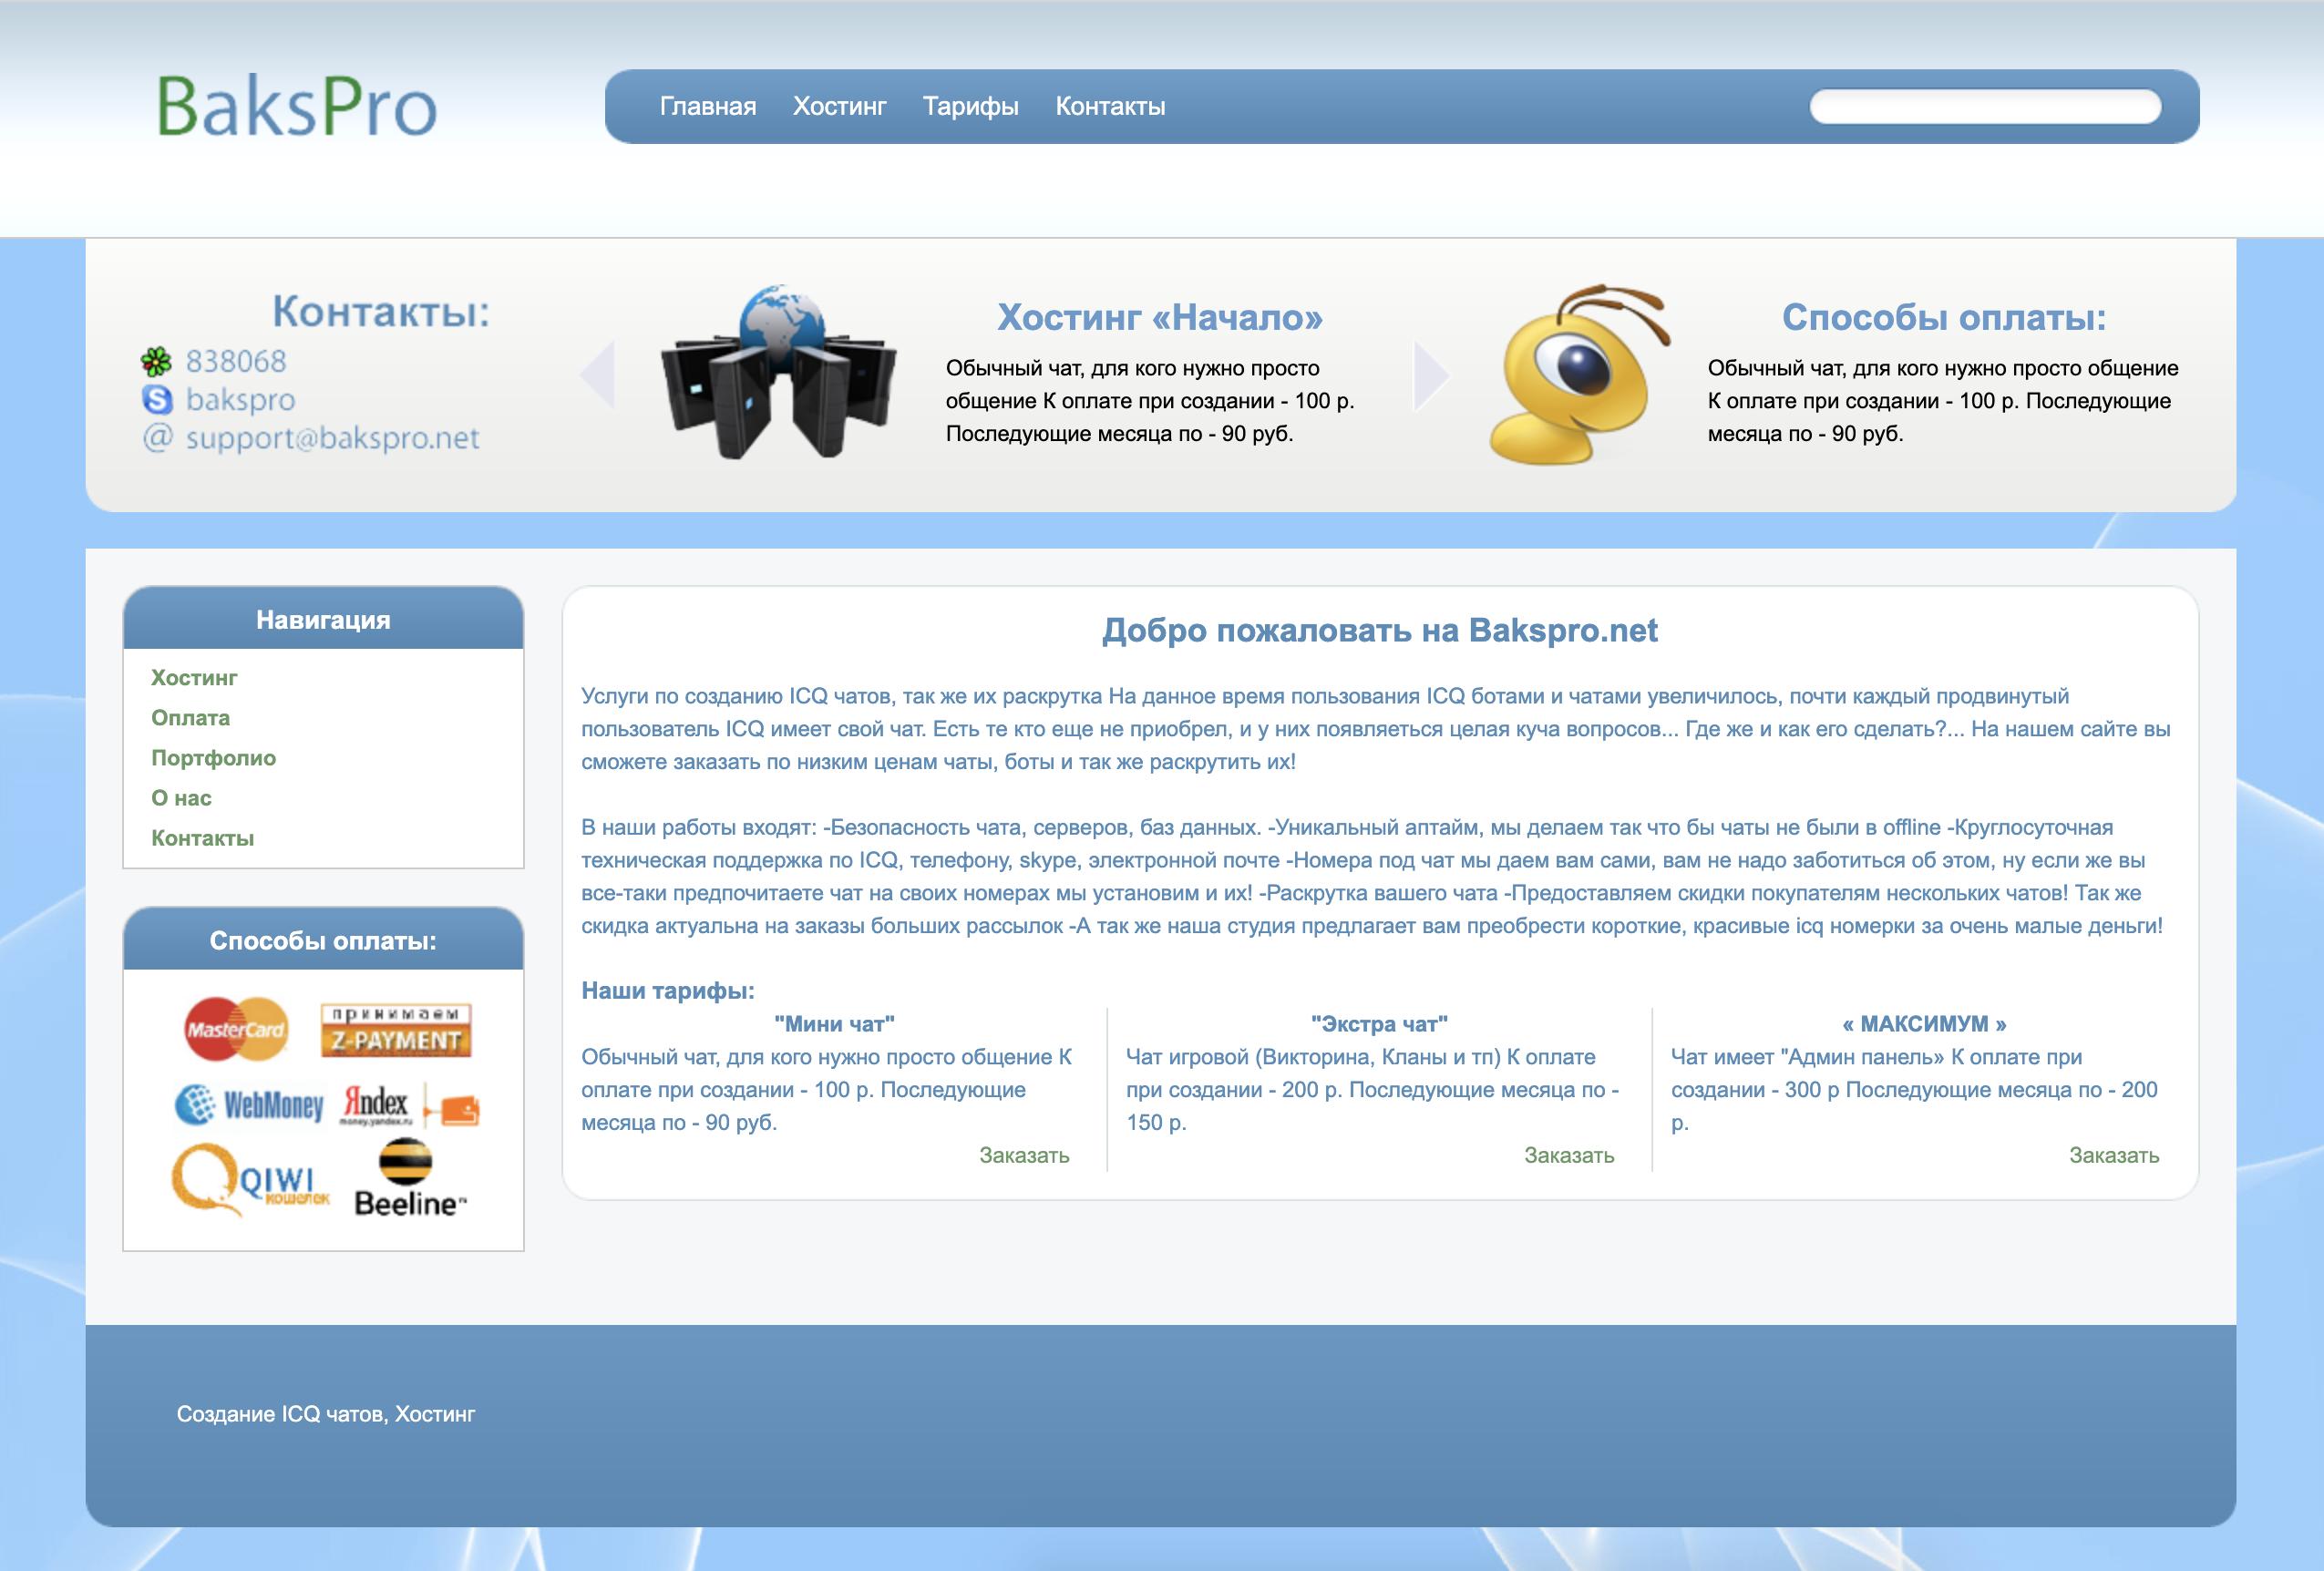 Дизайн для сайта BaksPro (Шаблон HTML + CSS) купить